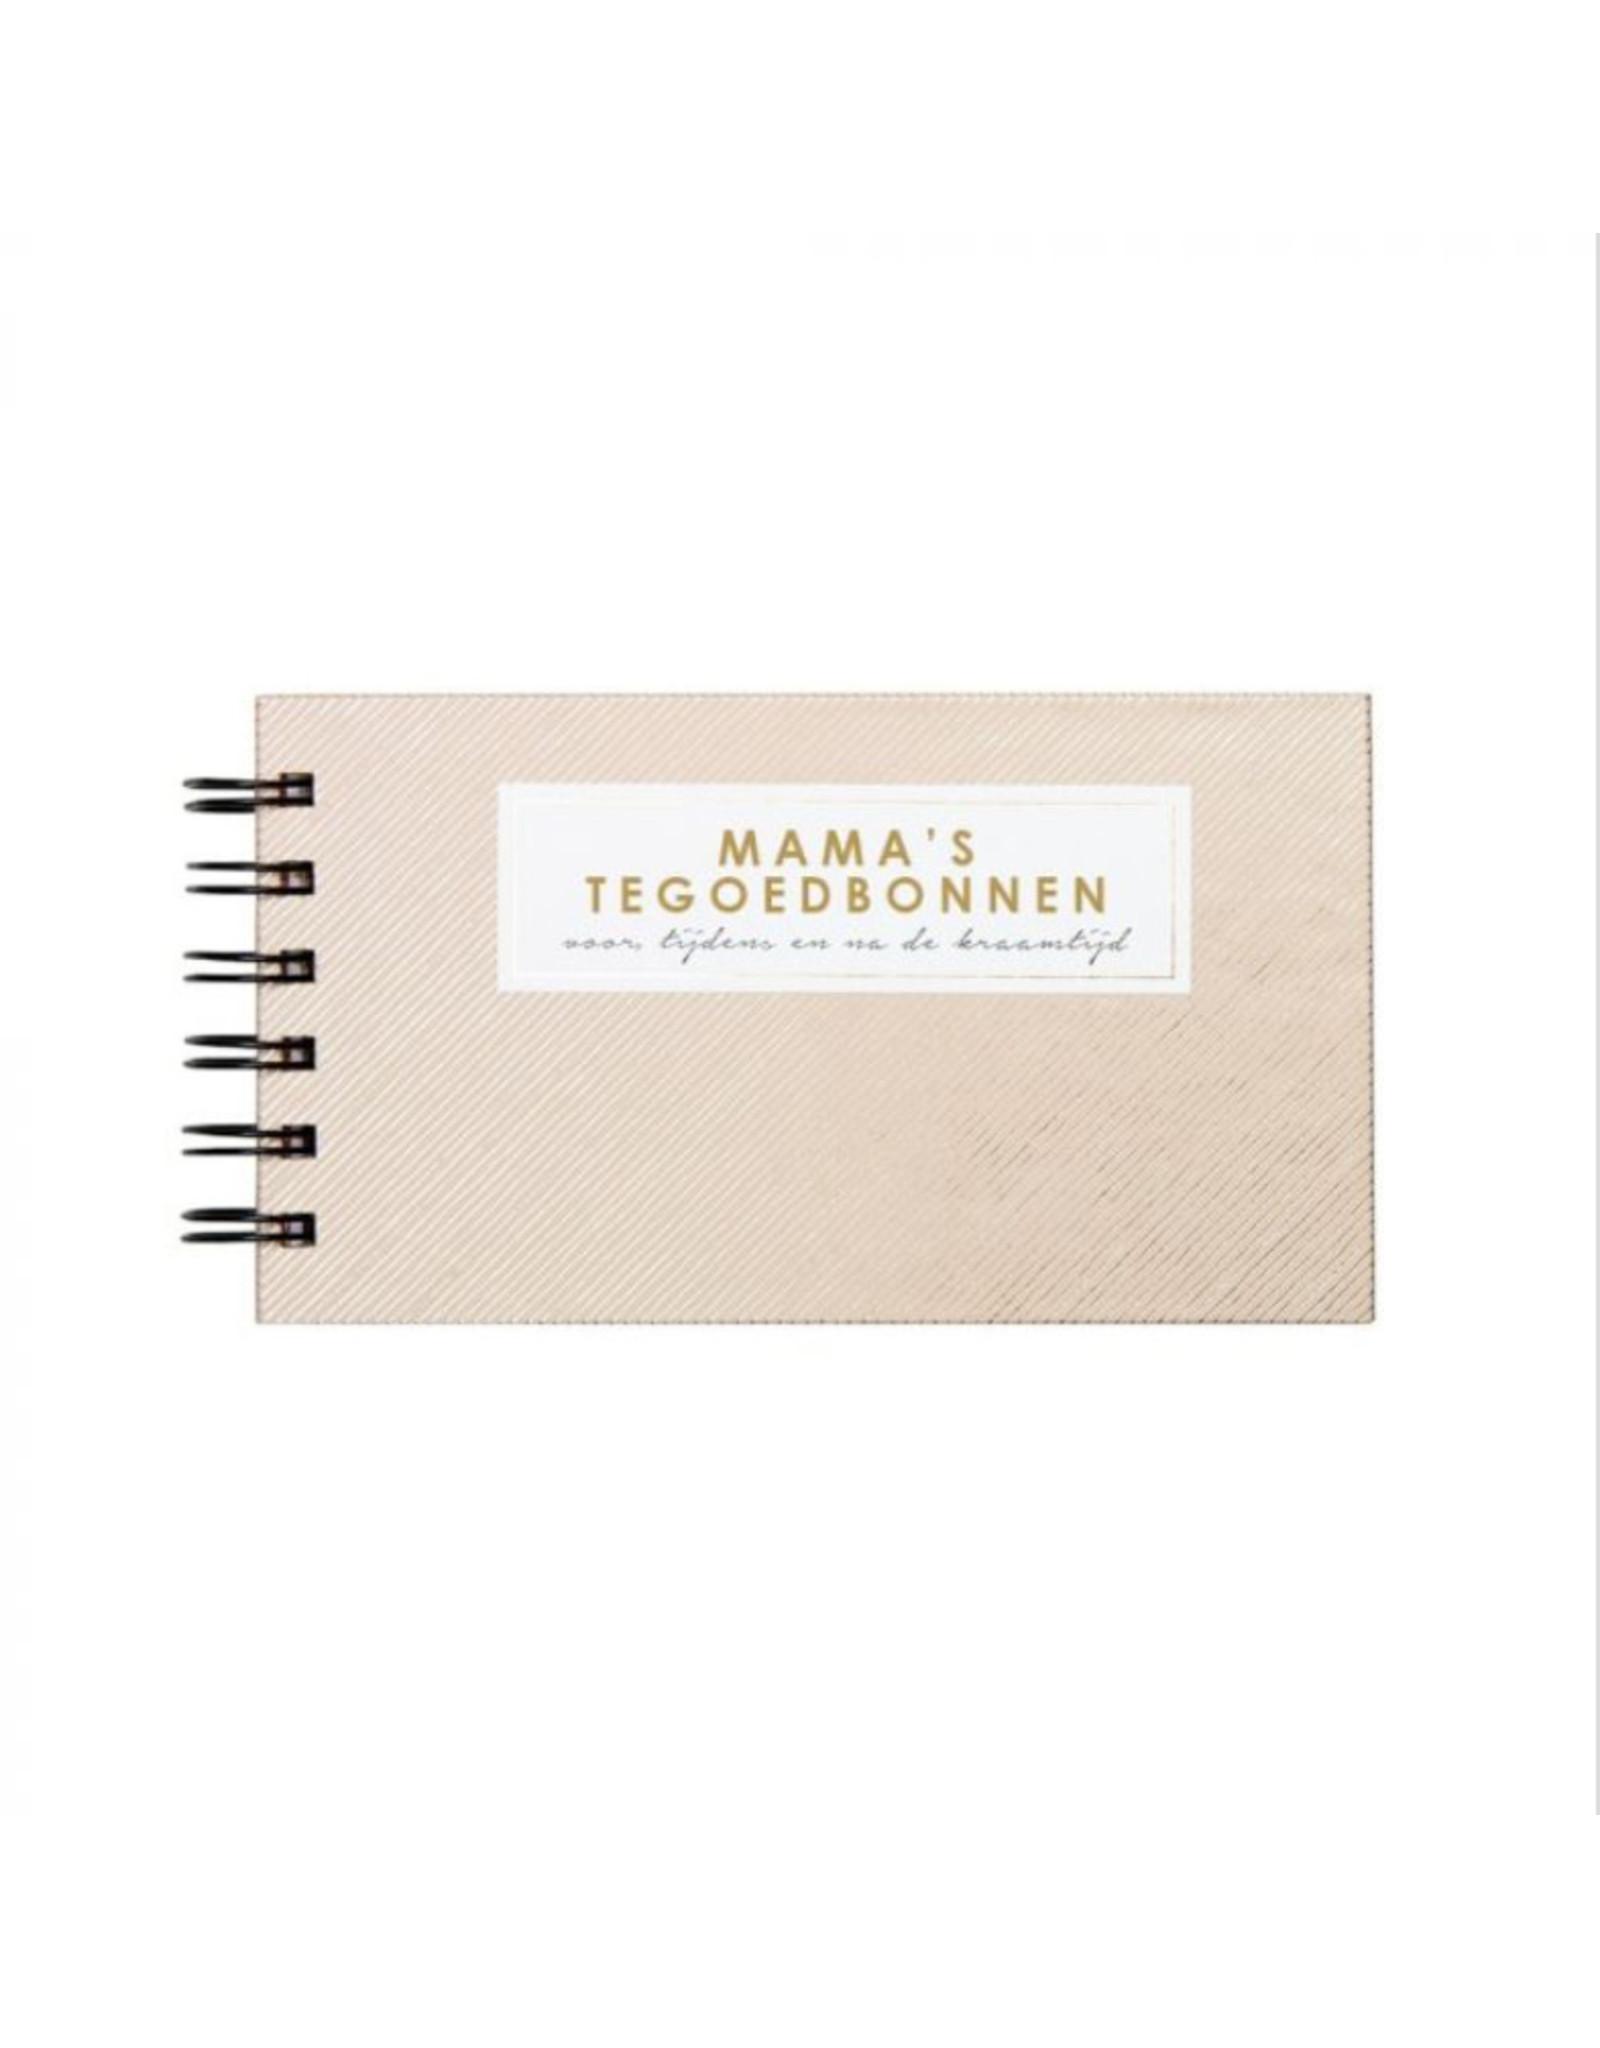 House of products Mama's tegoedbonnen - voor, tijdens en na de kraamtijd - 12 cadeaubonnen waarvan 1 blanco -  NL - Roze - Onderwerpen : homemade maaltijd, schoon huis, lunch, wassen en strijken en opvouwen, enz